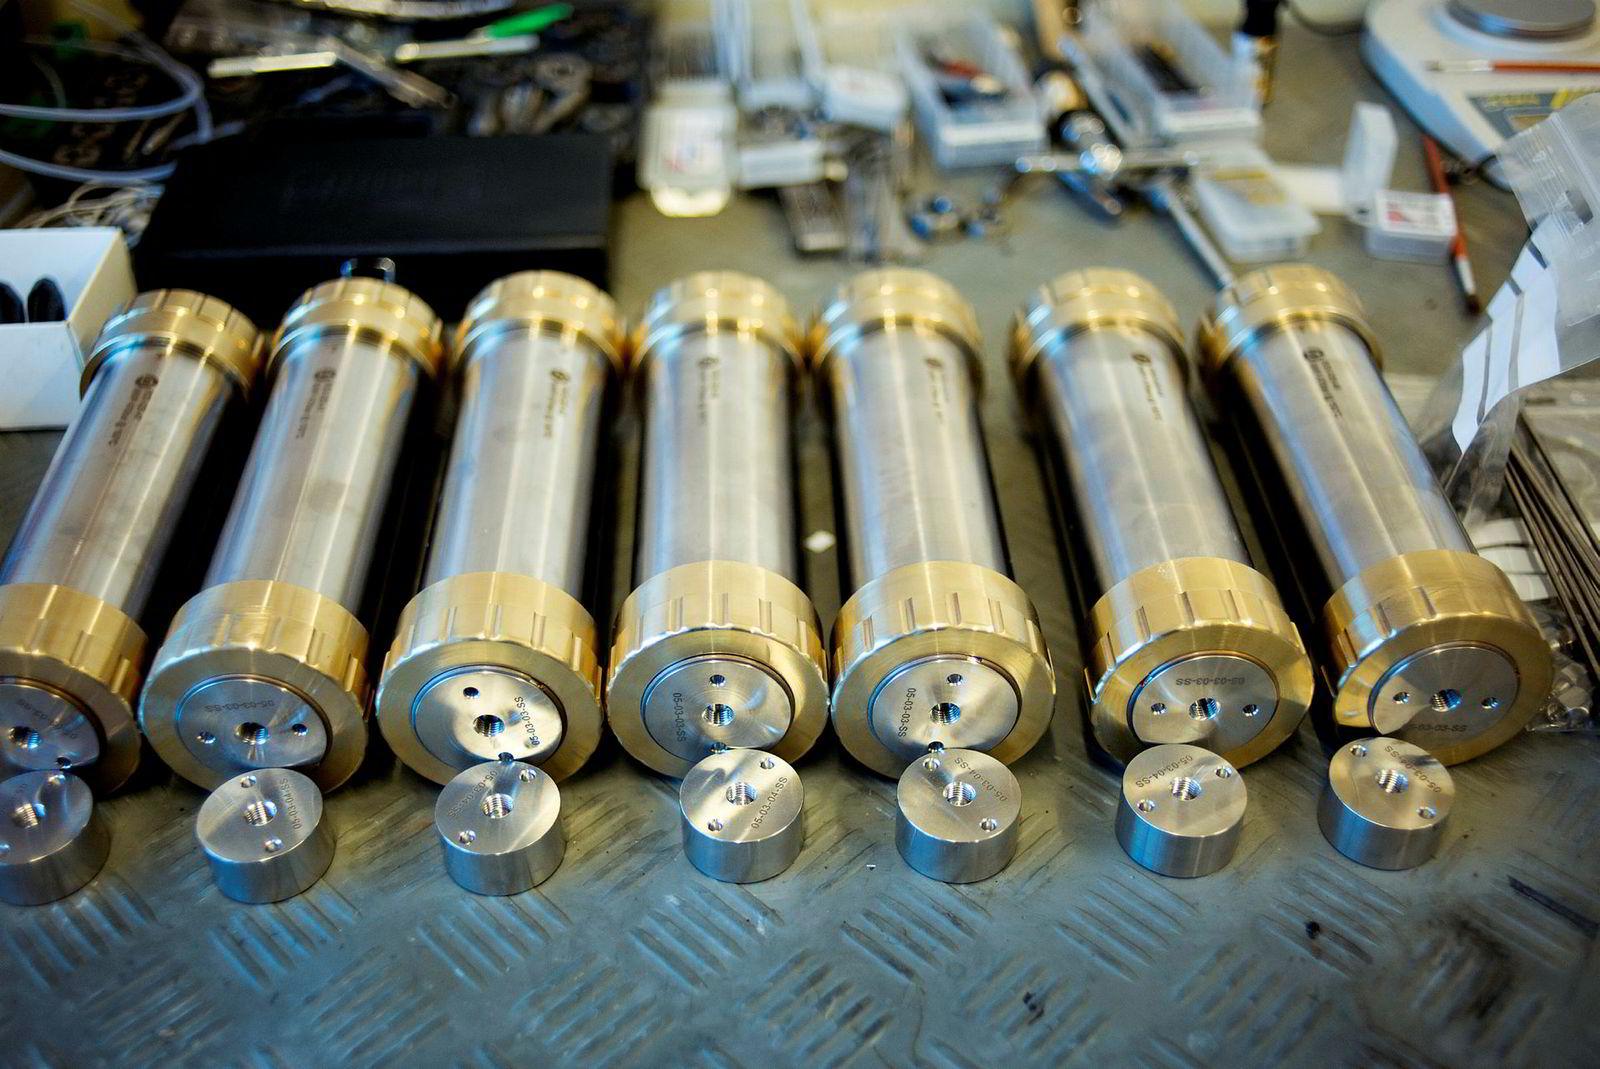 Kjerneprøvene utsettes blant annet for høyt trykk og varme, og analyseutstyret må derfor trykktestes og sertifiseres.